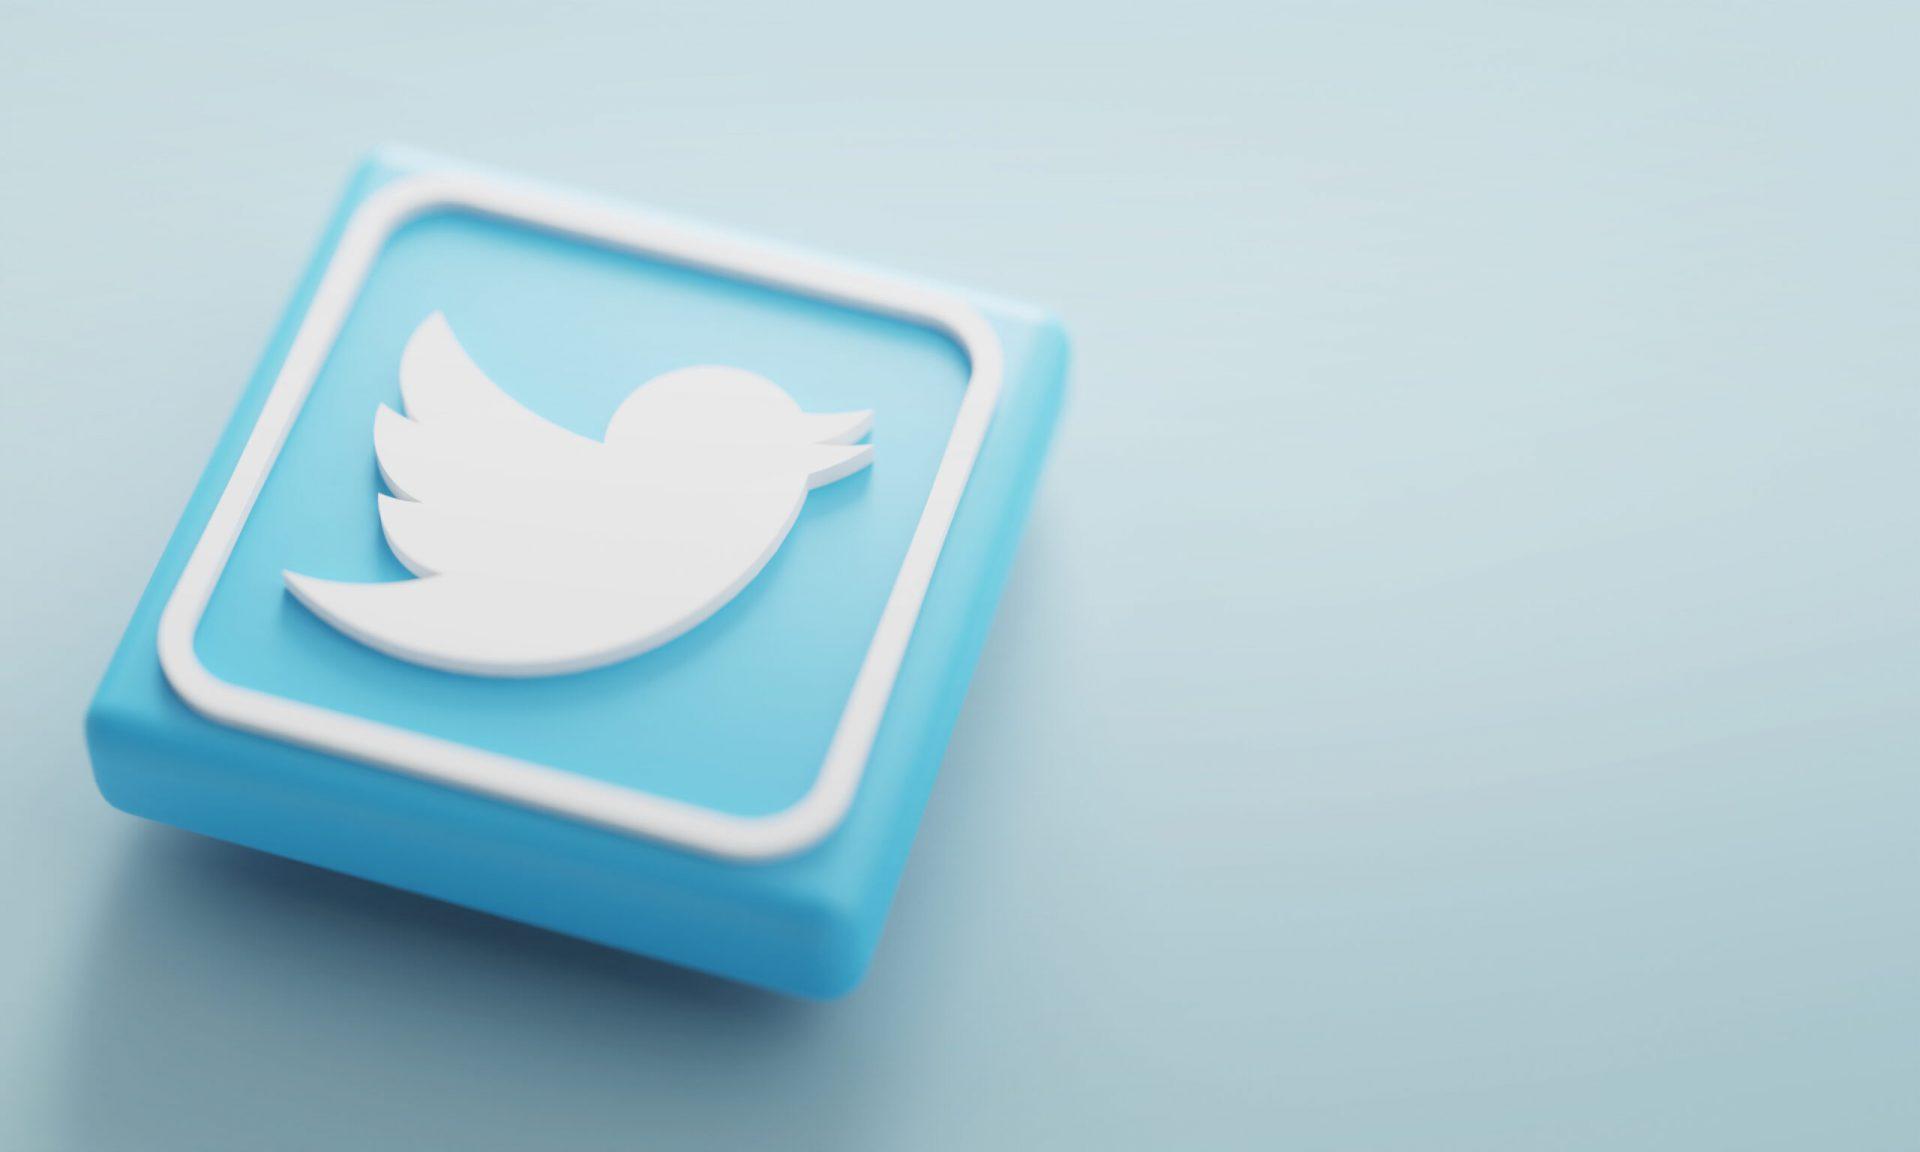 twitter logo on a blue tile